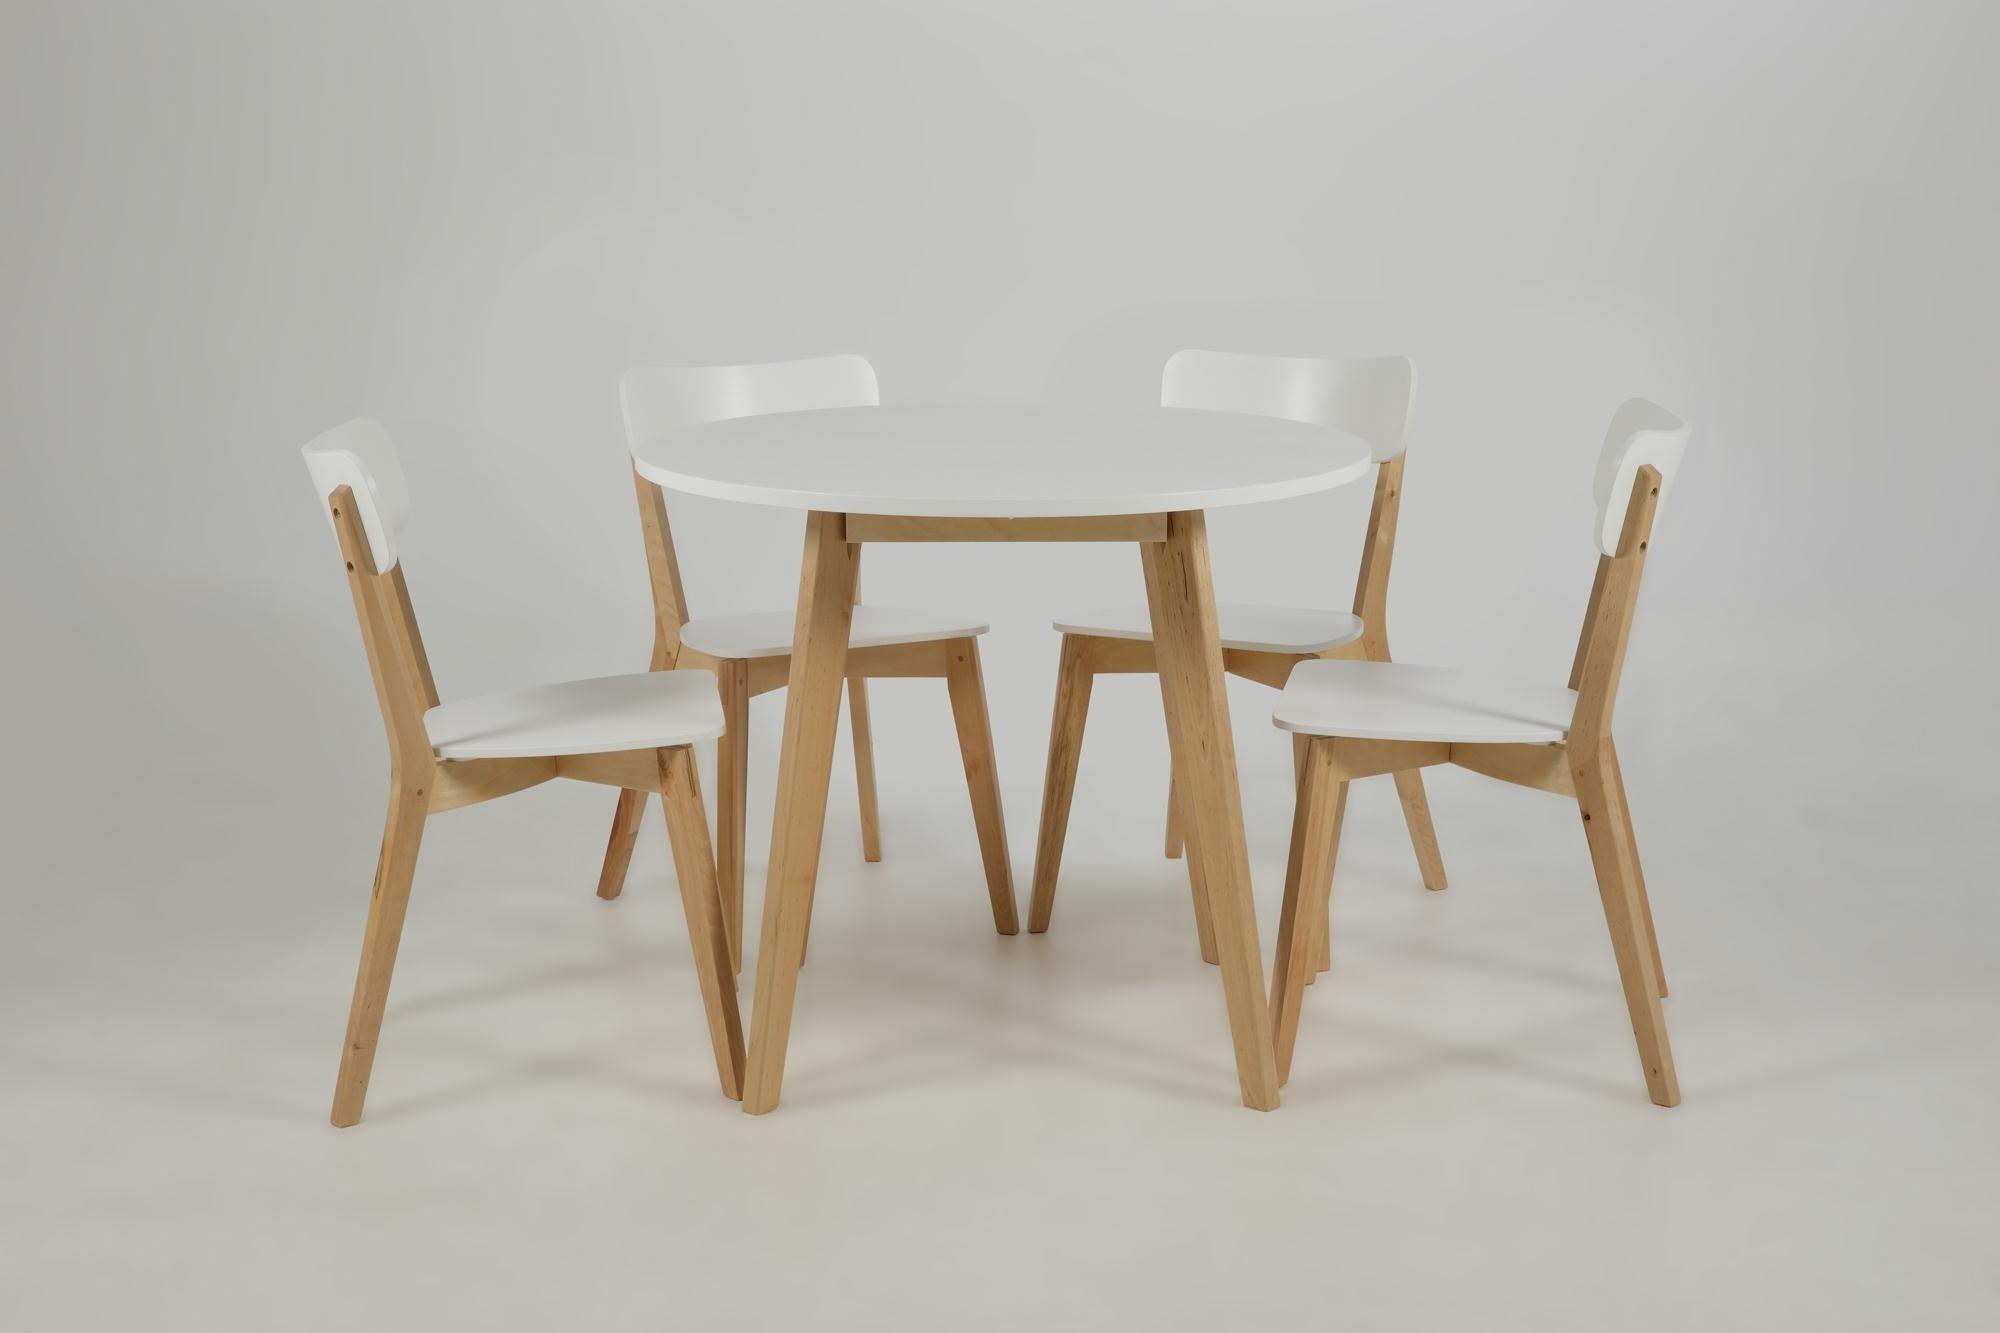 De wit stoelen tweedehands fabulous simple eettafel stoelen leer